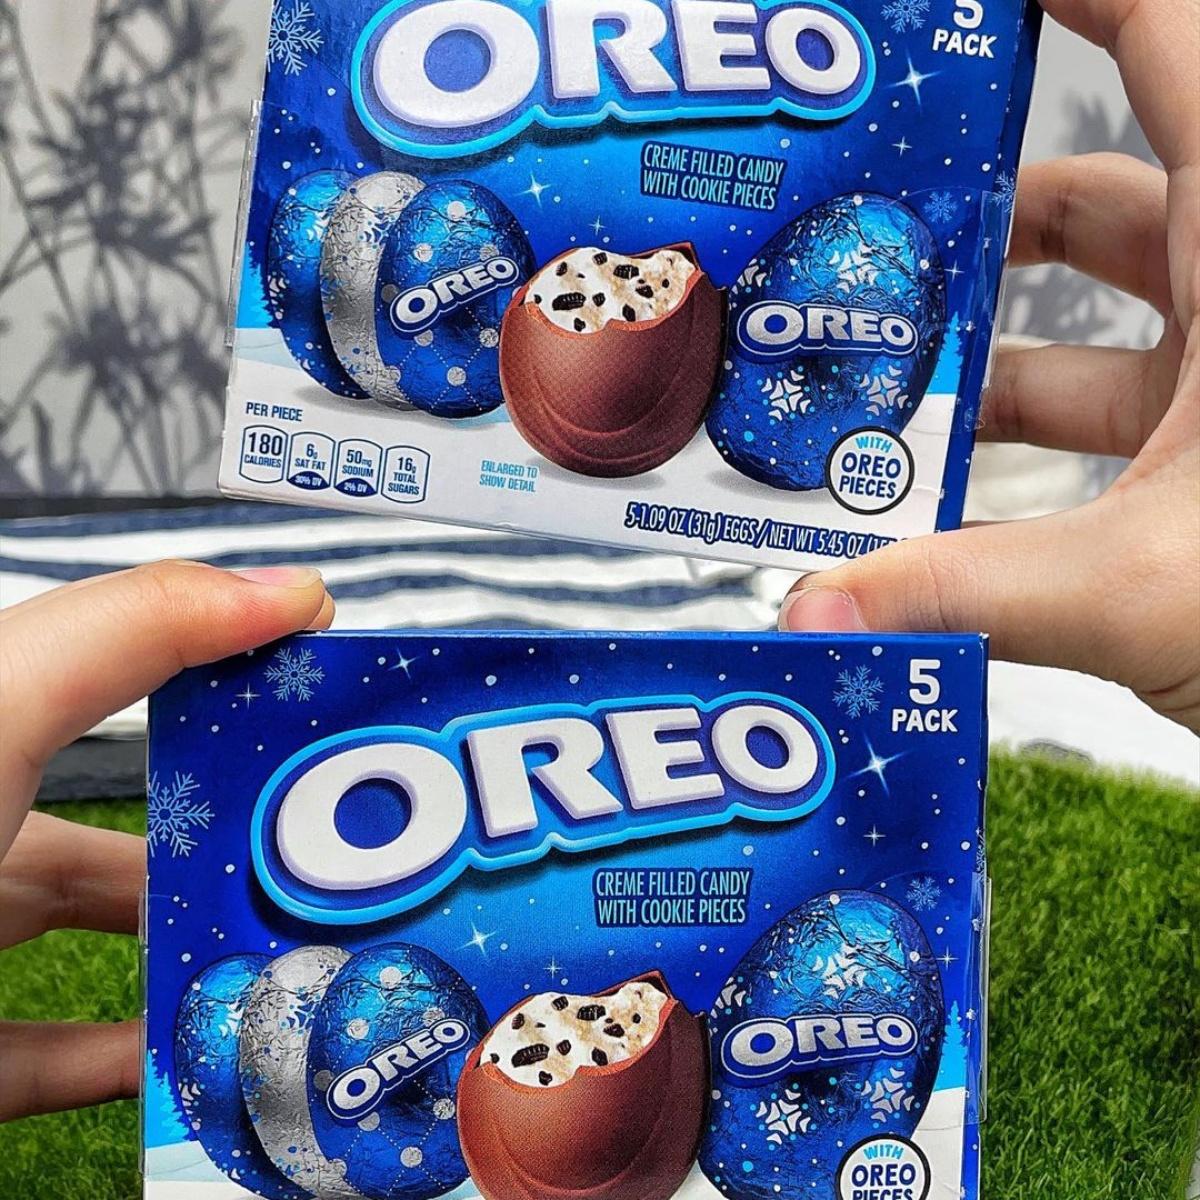 台灣也買得到!「OREO巧克力夾心蛋」香草餡+餅乾碎太邪惡,銀色雪花款必收